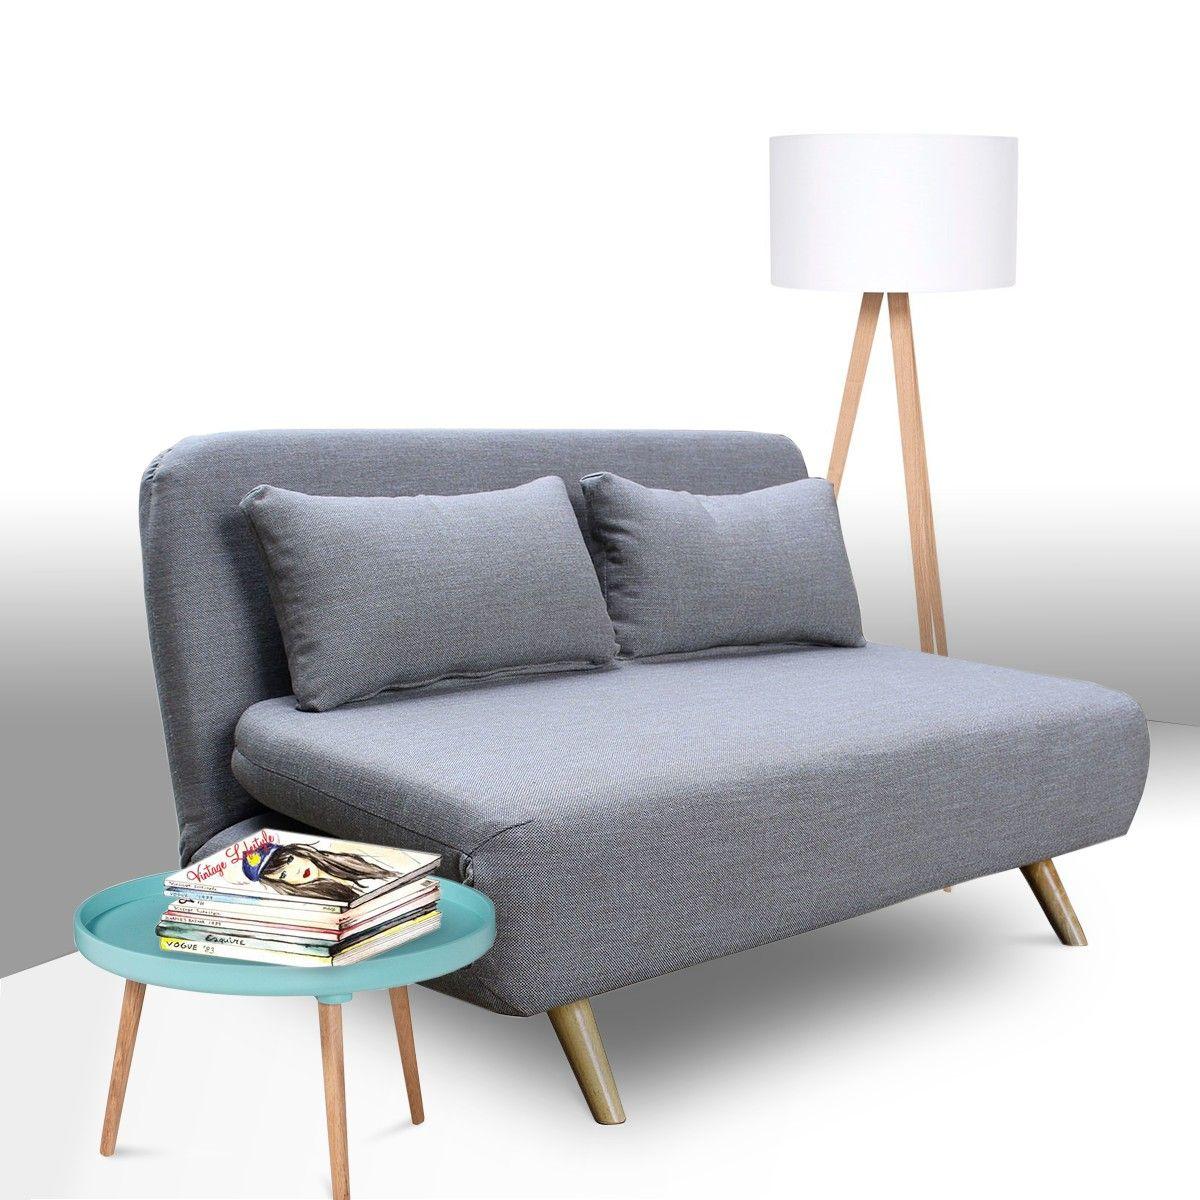 Canapé Design Scandinave Clic Clac 2 Places John Petit Canapé Pour Chambre,  Canapé Convertible Ikea